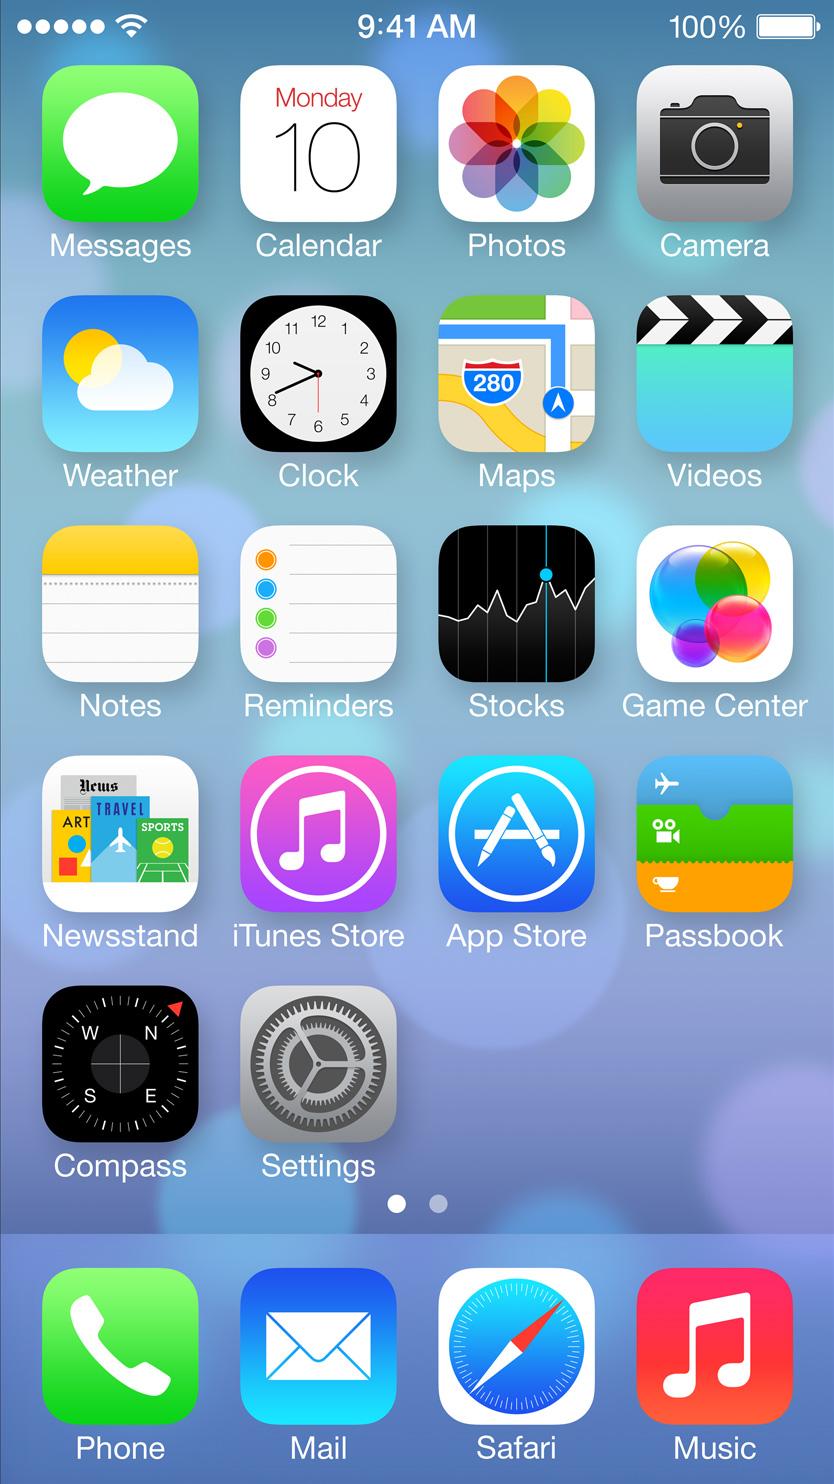 Iphone 5 home screen wallpaper wallpapersafari for Wallpaper home screen iphone x